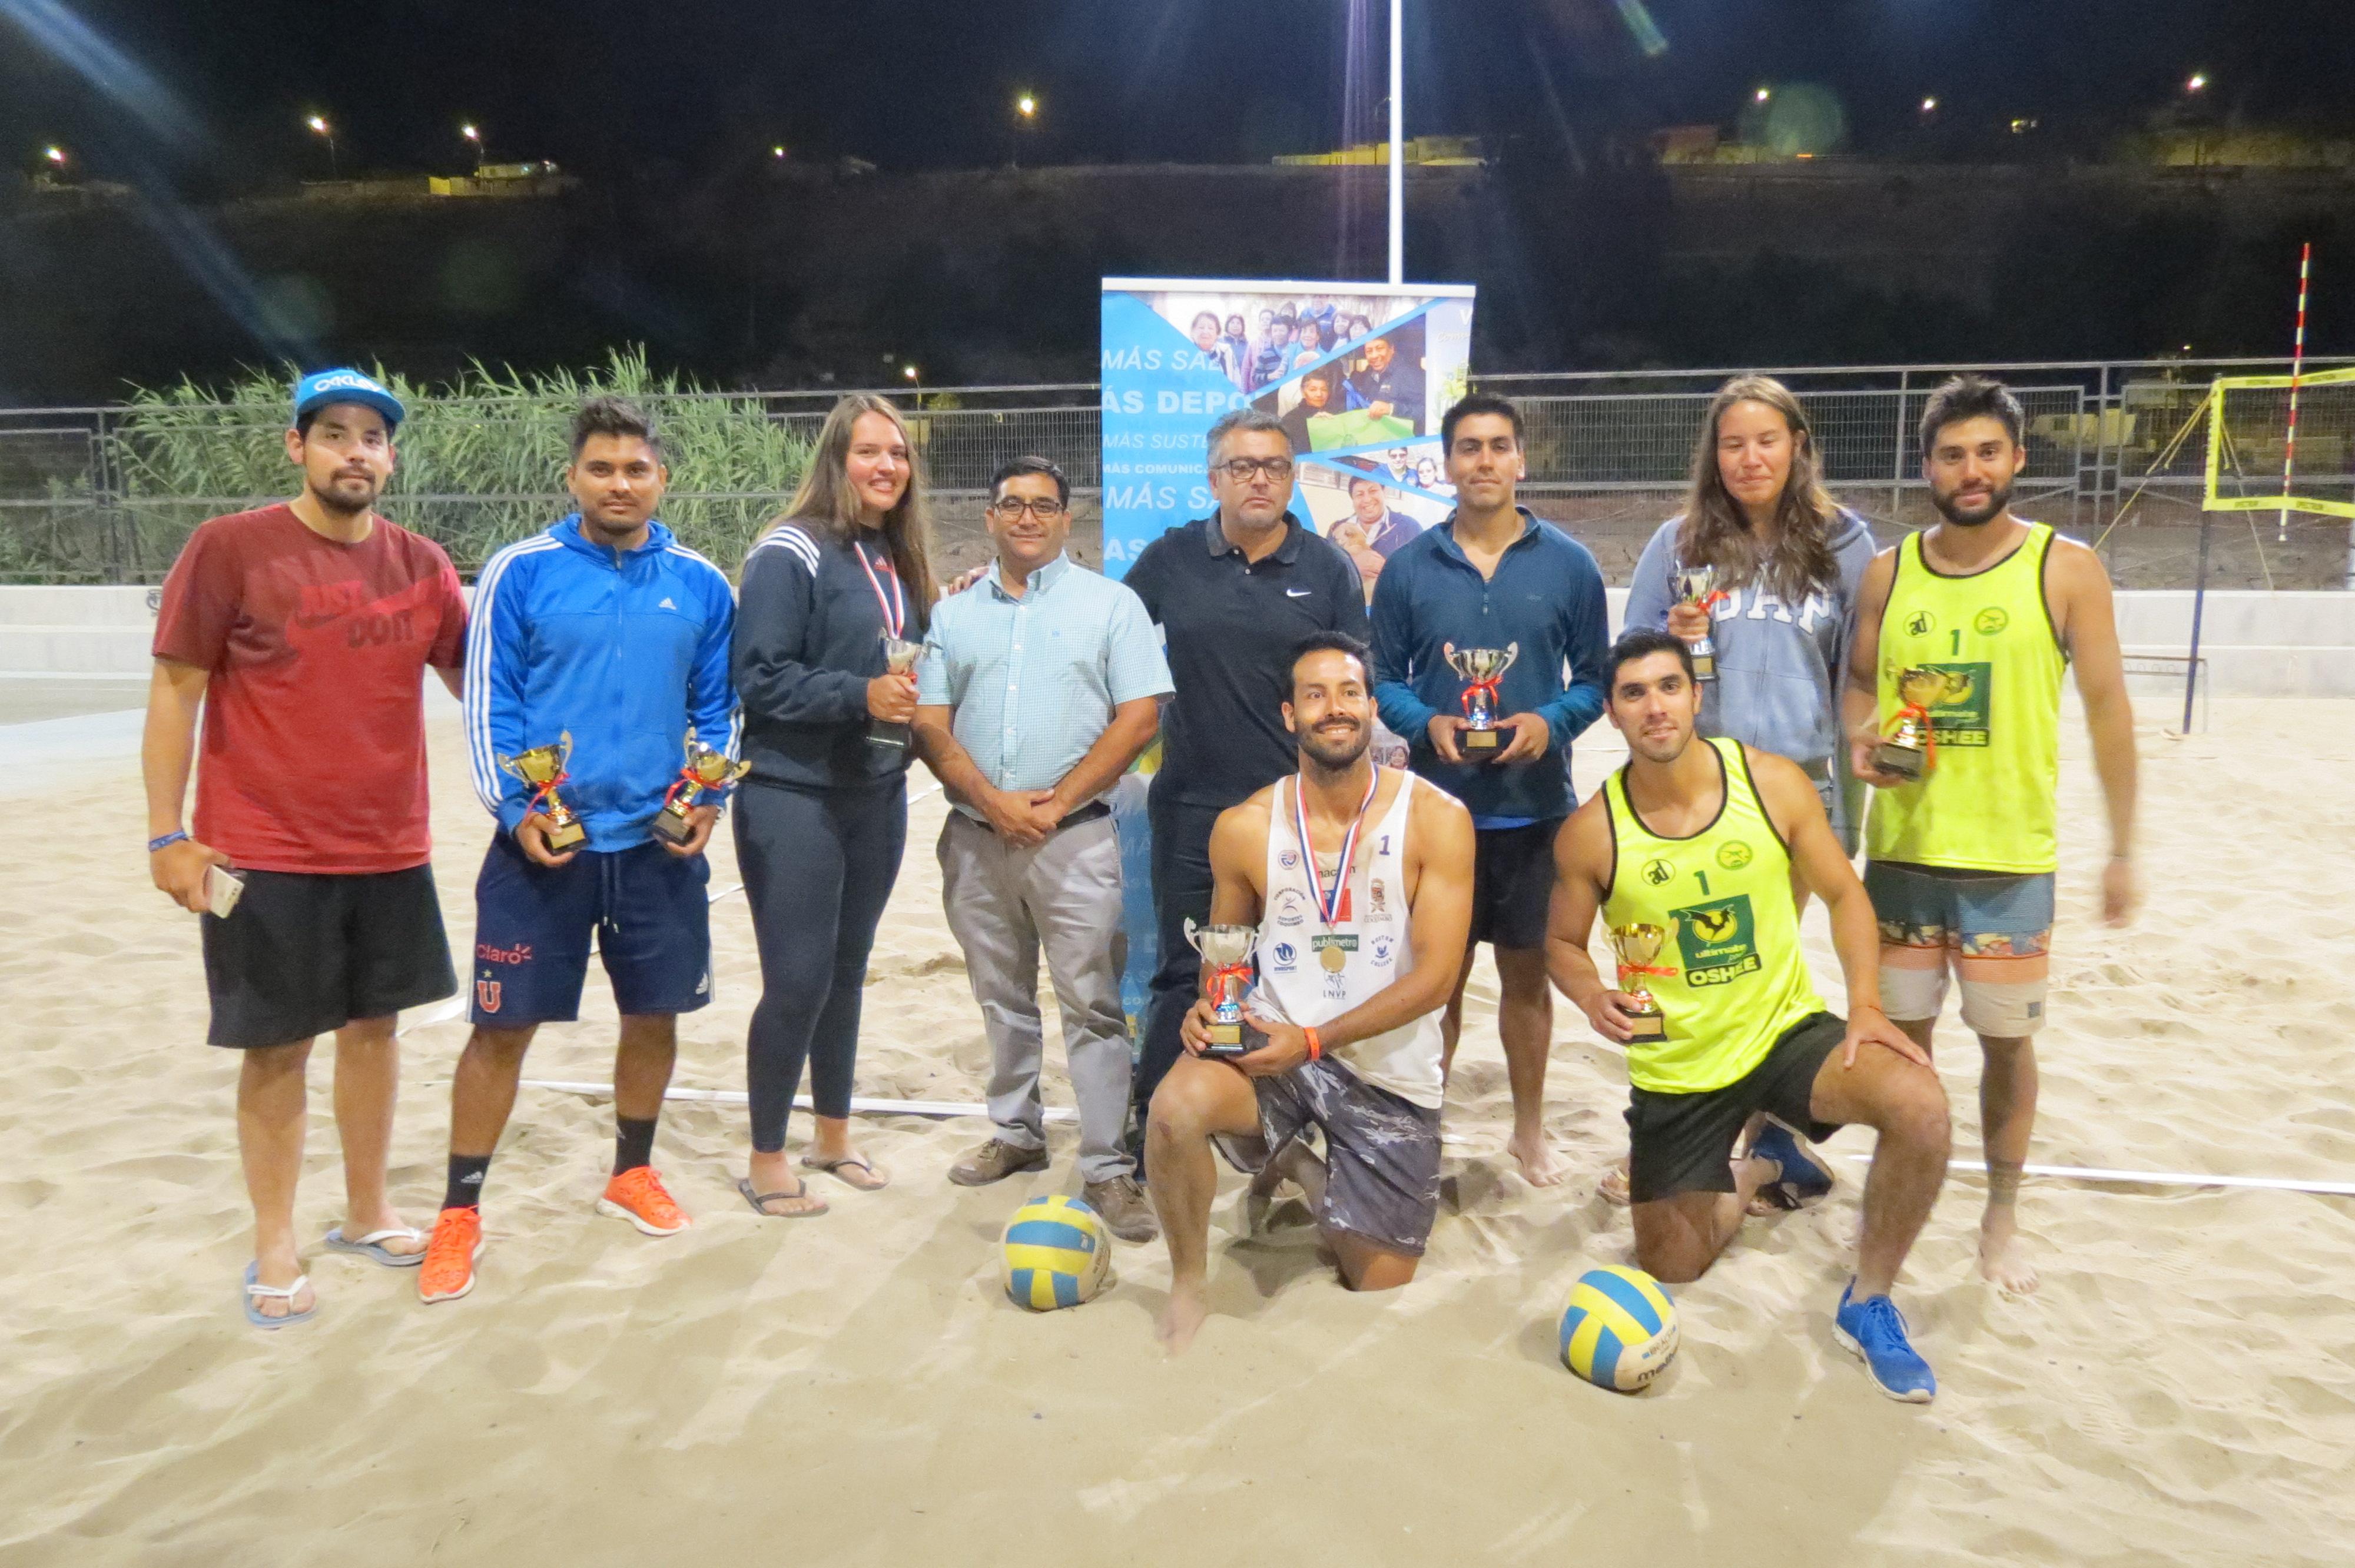 Vallenar se coronó campeón del voleibol duplas en el paseo ribereño